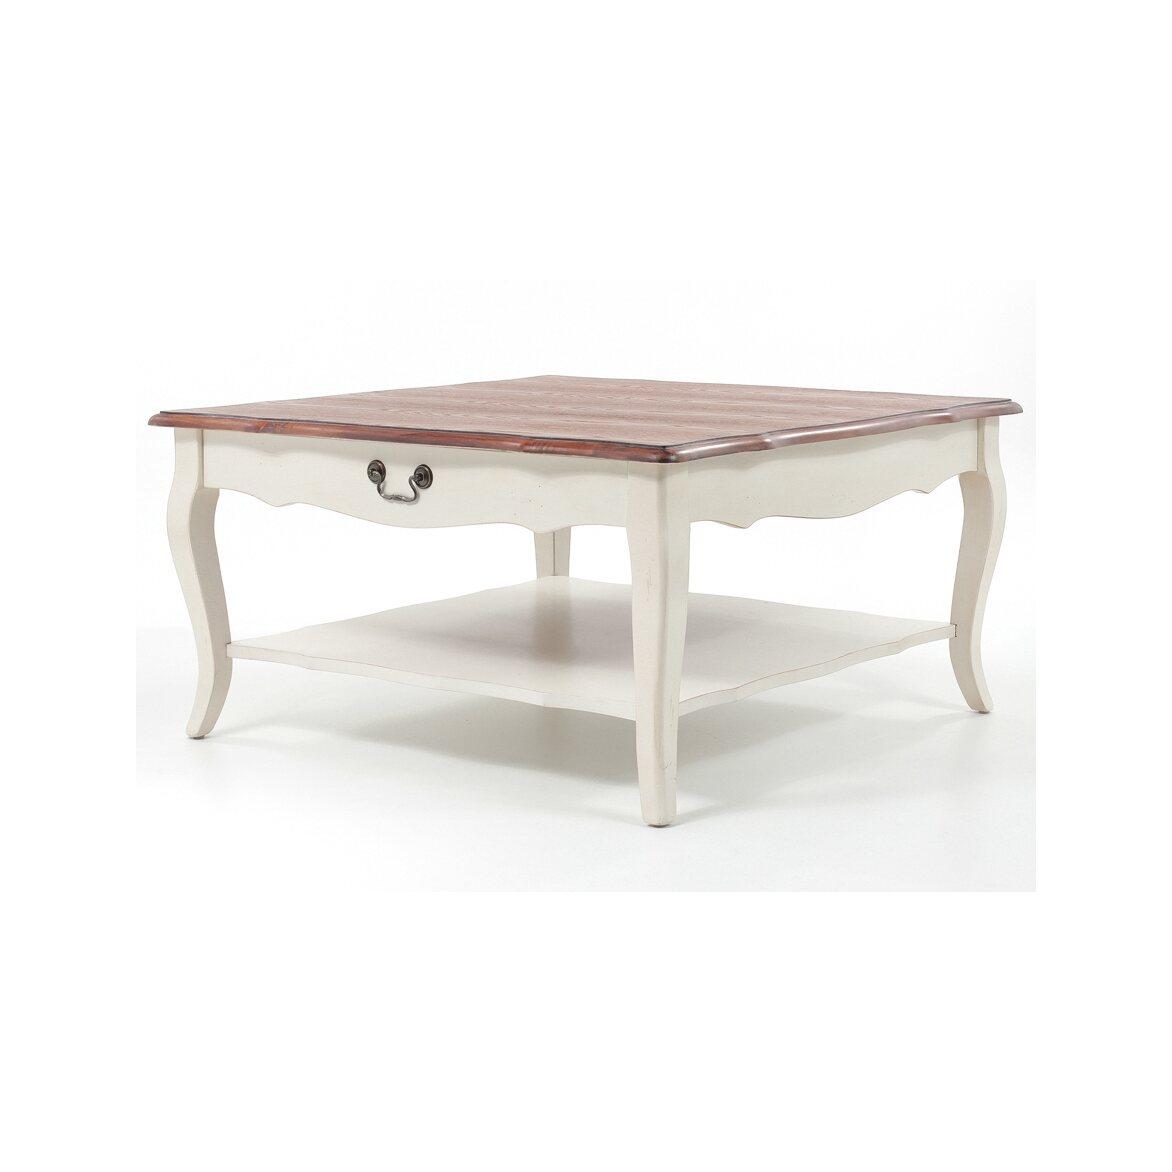 Низкий чайный столик (квадратный) Leontina, бежевого цвета 3 | Журнальные столики Kingsby